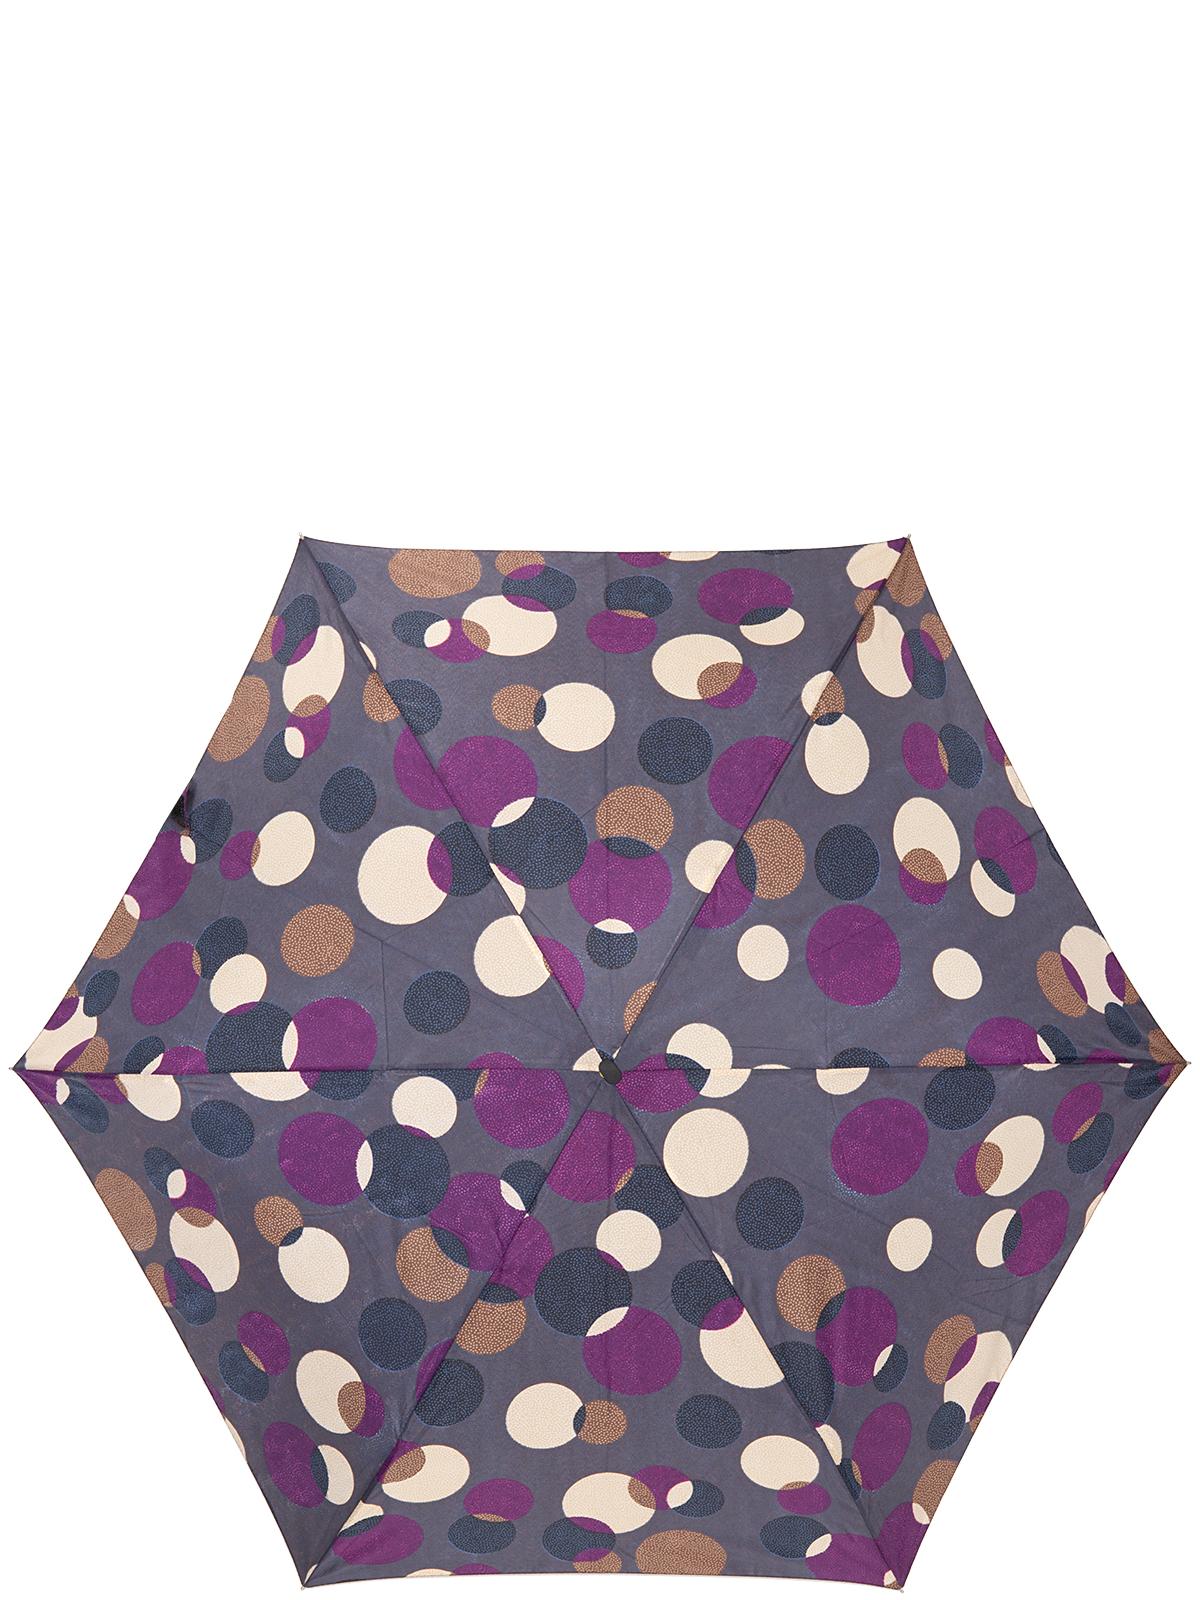 Зонт женский Labbra, цвет: серый, фиолетовый. A3-05-LF102A3-05-LF102Женский зонт-автомат торговой марки LABBRA. Купол: 100% полиэстер, эпонж. Материал каркаса: сталь + алюминий + фибергласс. Материал ручки: пластик. Длина изделия - 28 см. Диаметр купола - 96 см.